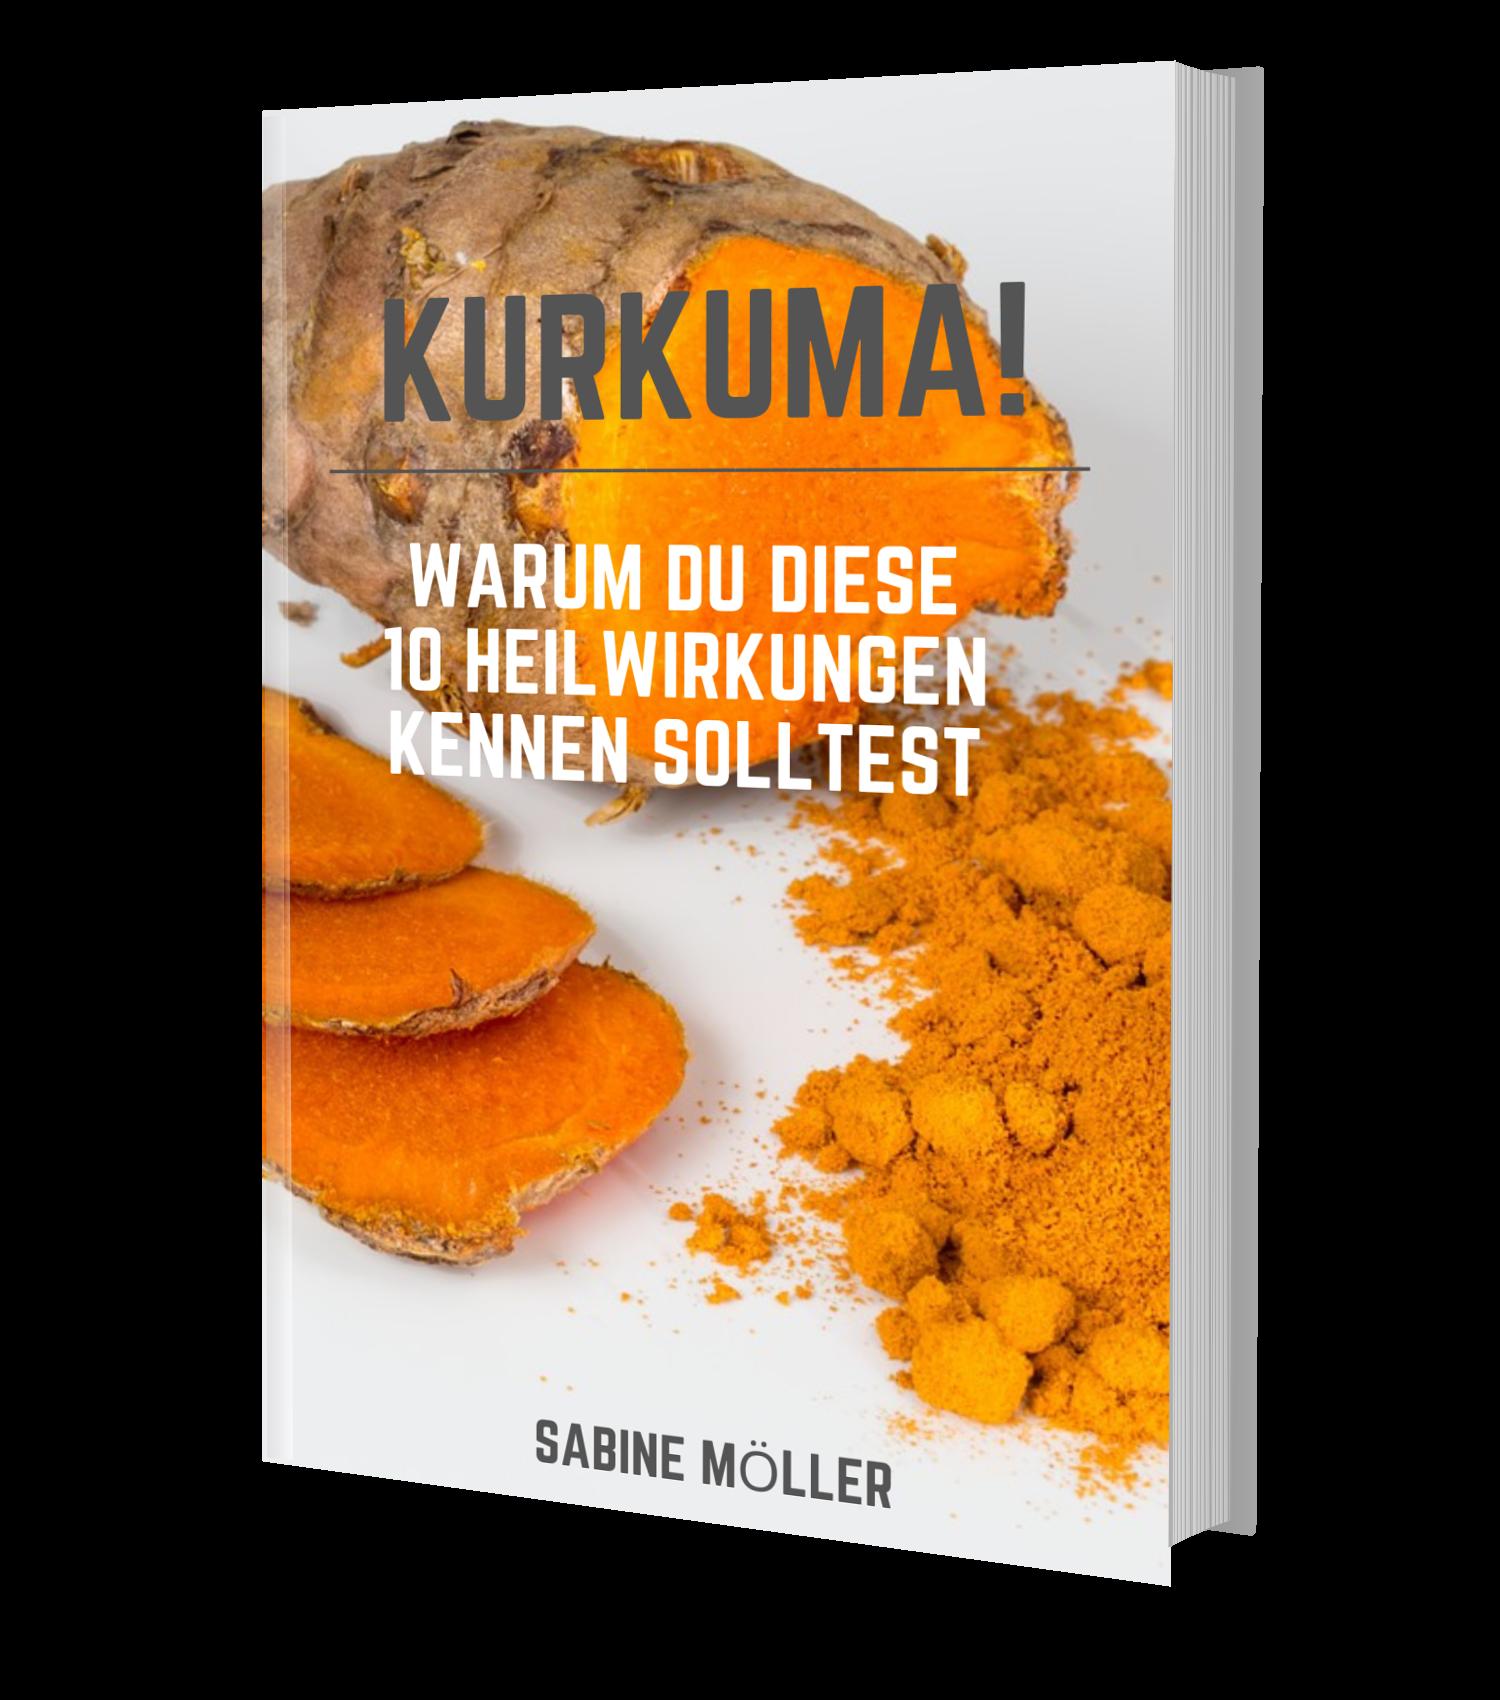 kurkuma-freebie